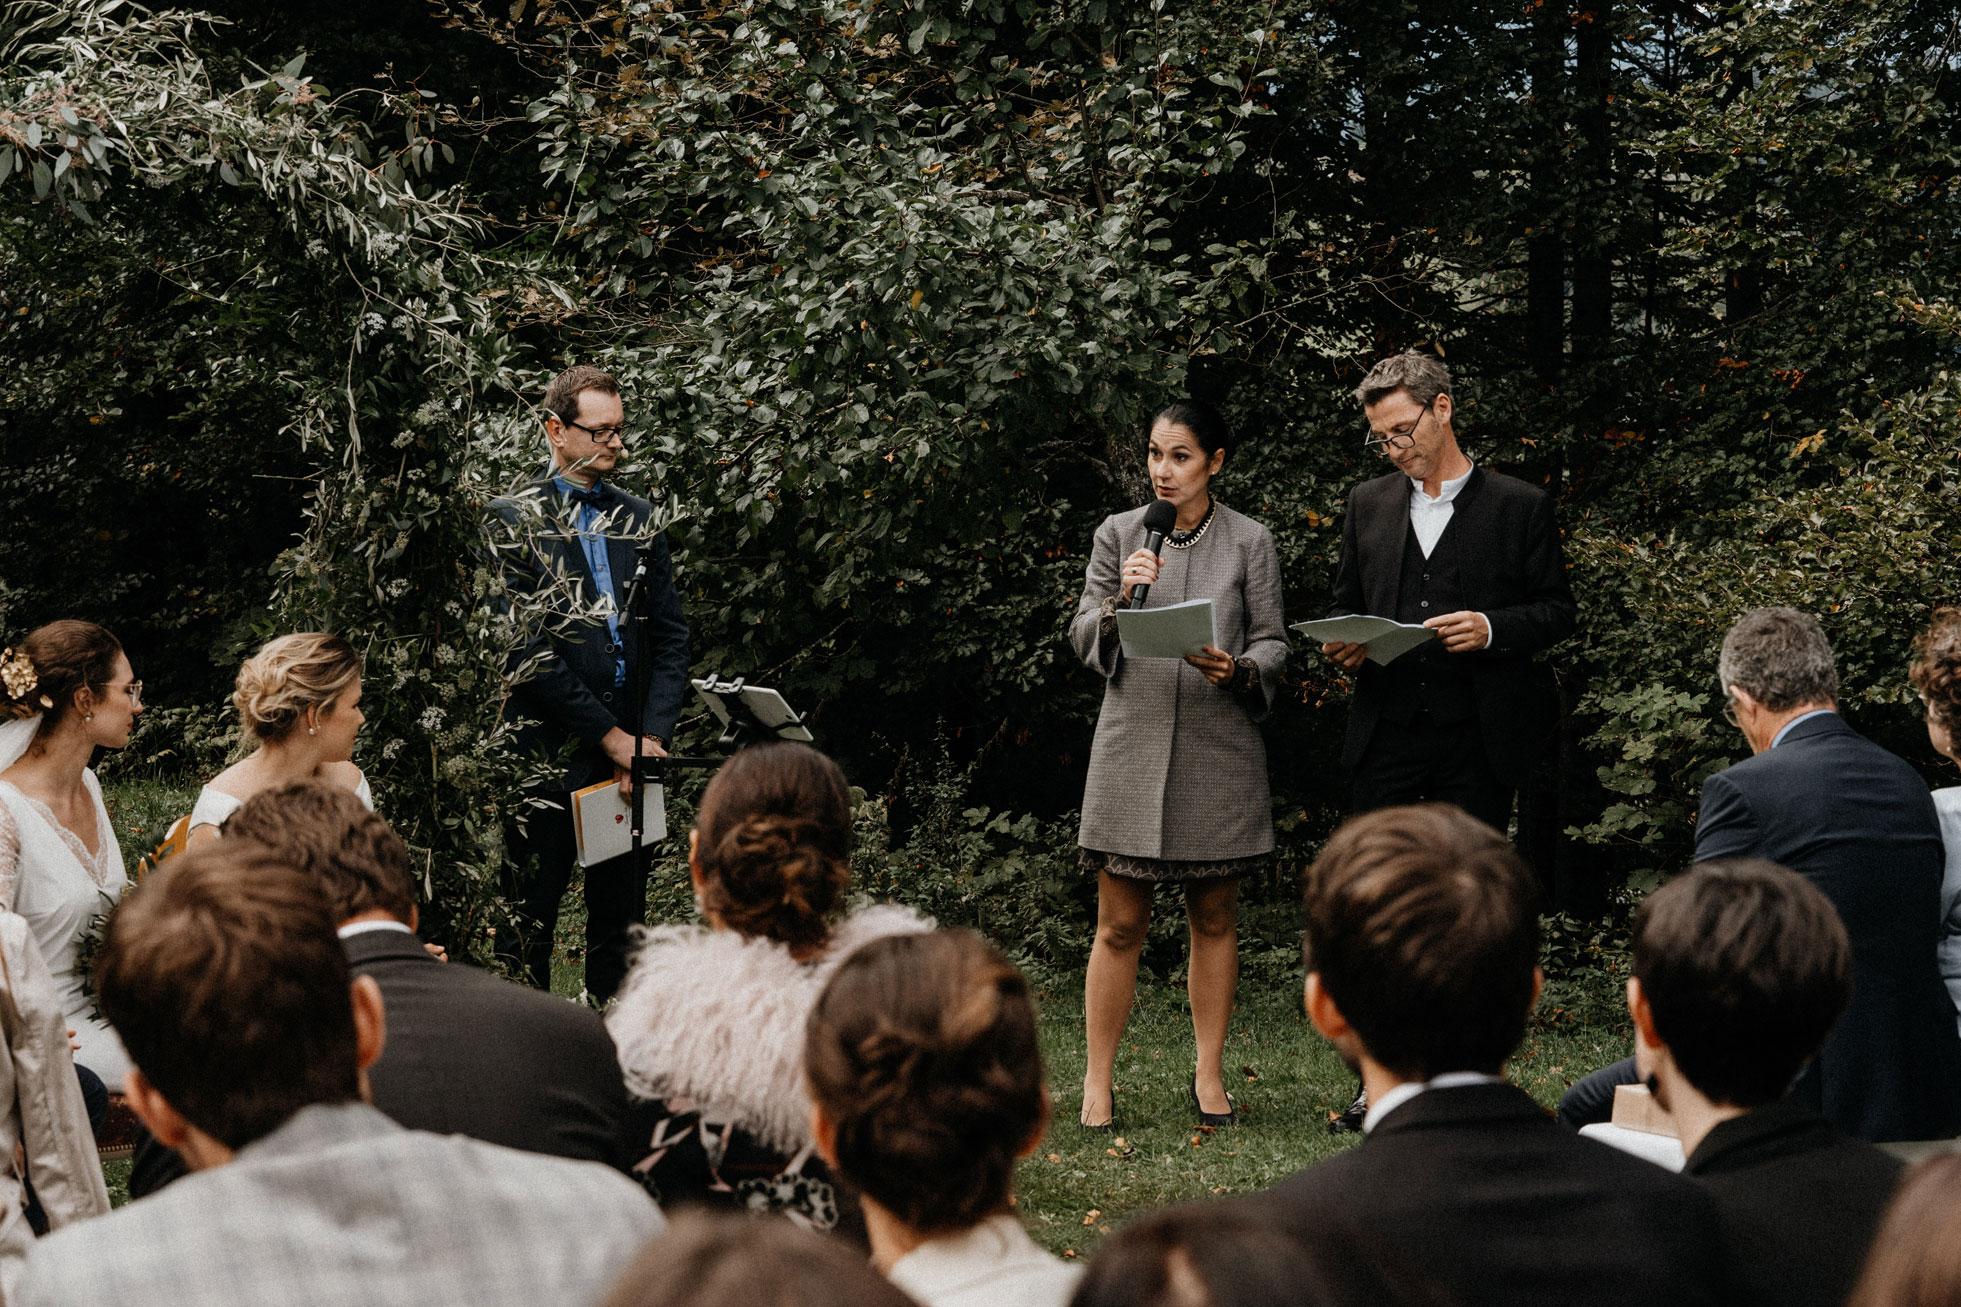 Hochzeit_Claire_Manuel_Villa_Maund_Daniel_Jenny-140.jpg